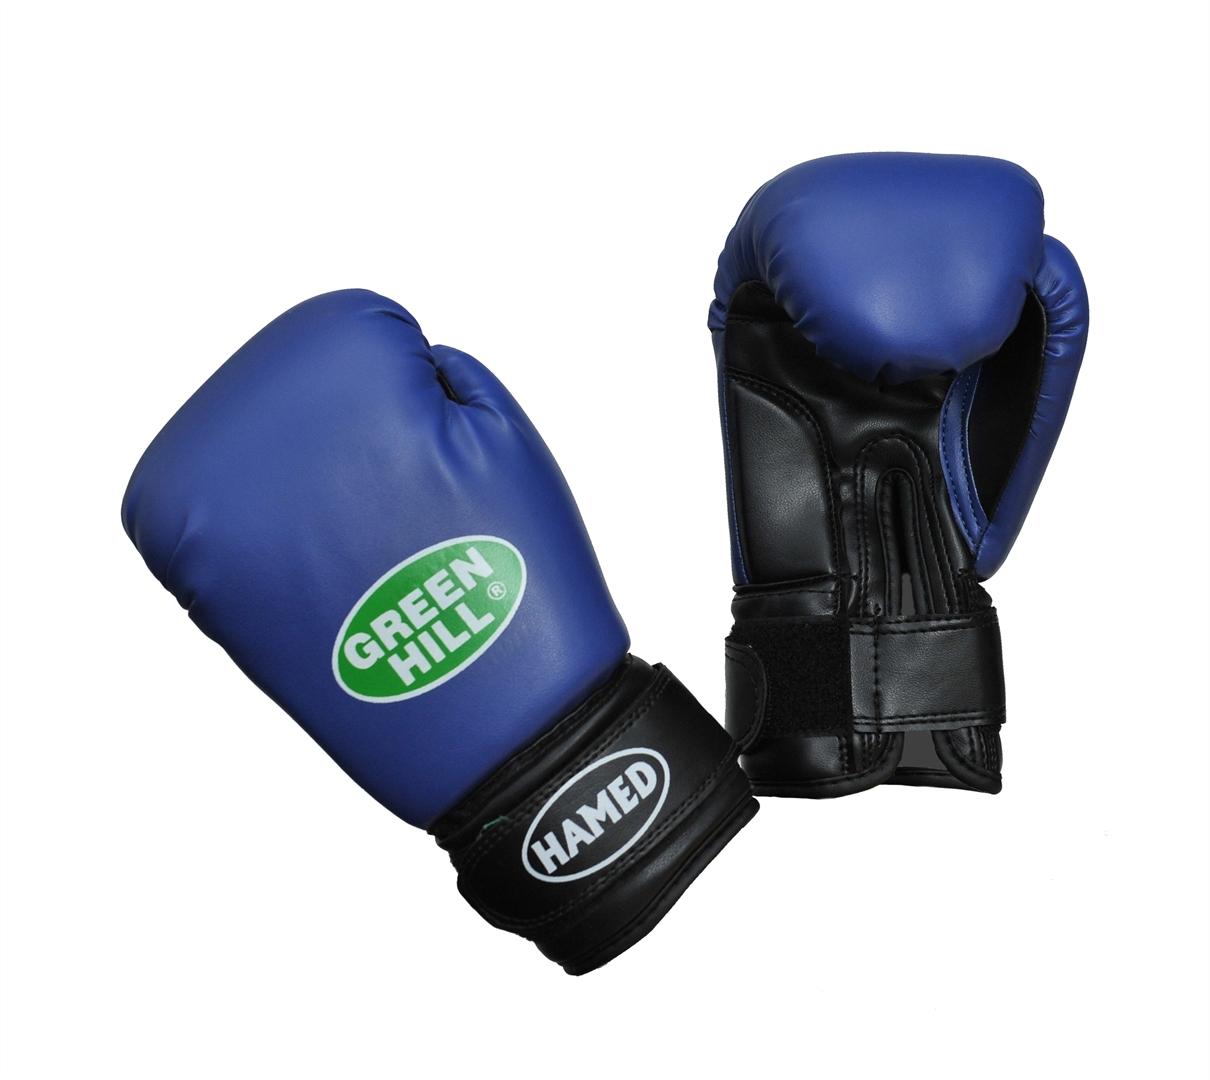 Перчатки боксерские детские Green Hill Hamed, цвет: синий. Вес 6 унцийBGHC-2022Детские боксерские перчатки Green Hill Hamed прекрасно подойдут для будущих чемпионов. Верх выполнен из искусственной кожи, наполнитель - из пенополиуретана. Перфорированная поверхность в области ладони позволяет создать максимально комфортный терморежим во время занятий. Широкий ремень, охватывая запястье, полностью оборачивается вокруг манжеты, благодаря чему создается дополнительная защита лучезапястного сустава от травмирования. Перчатки прекрасно сидят на руке. Застежка на липучке способствует быстрому и удобному одеванию перчаток, плотно фиксирует перчатки на руке.Возраст: от 5 до 10 лет.